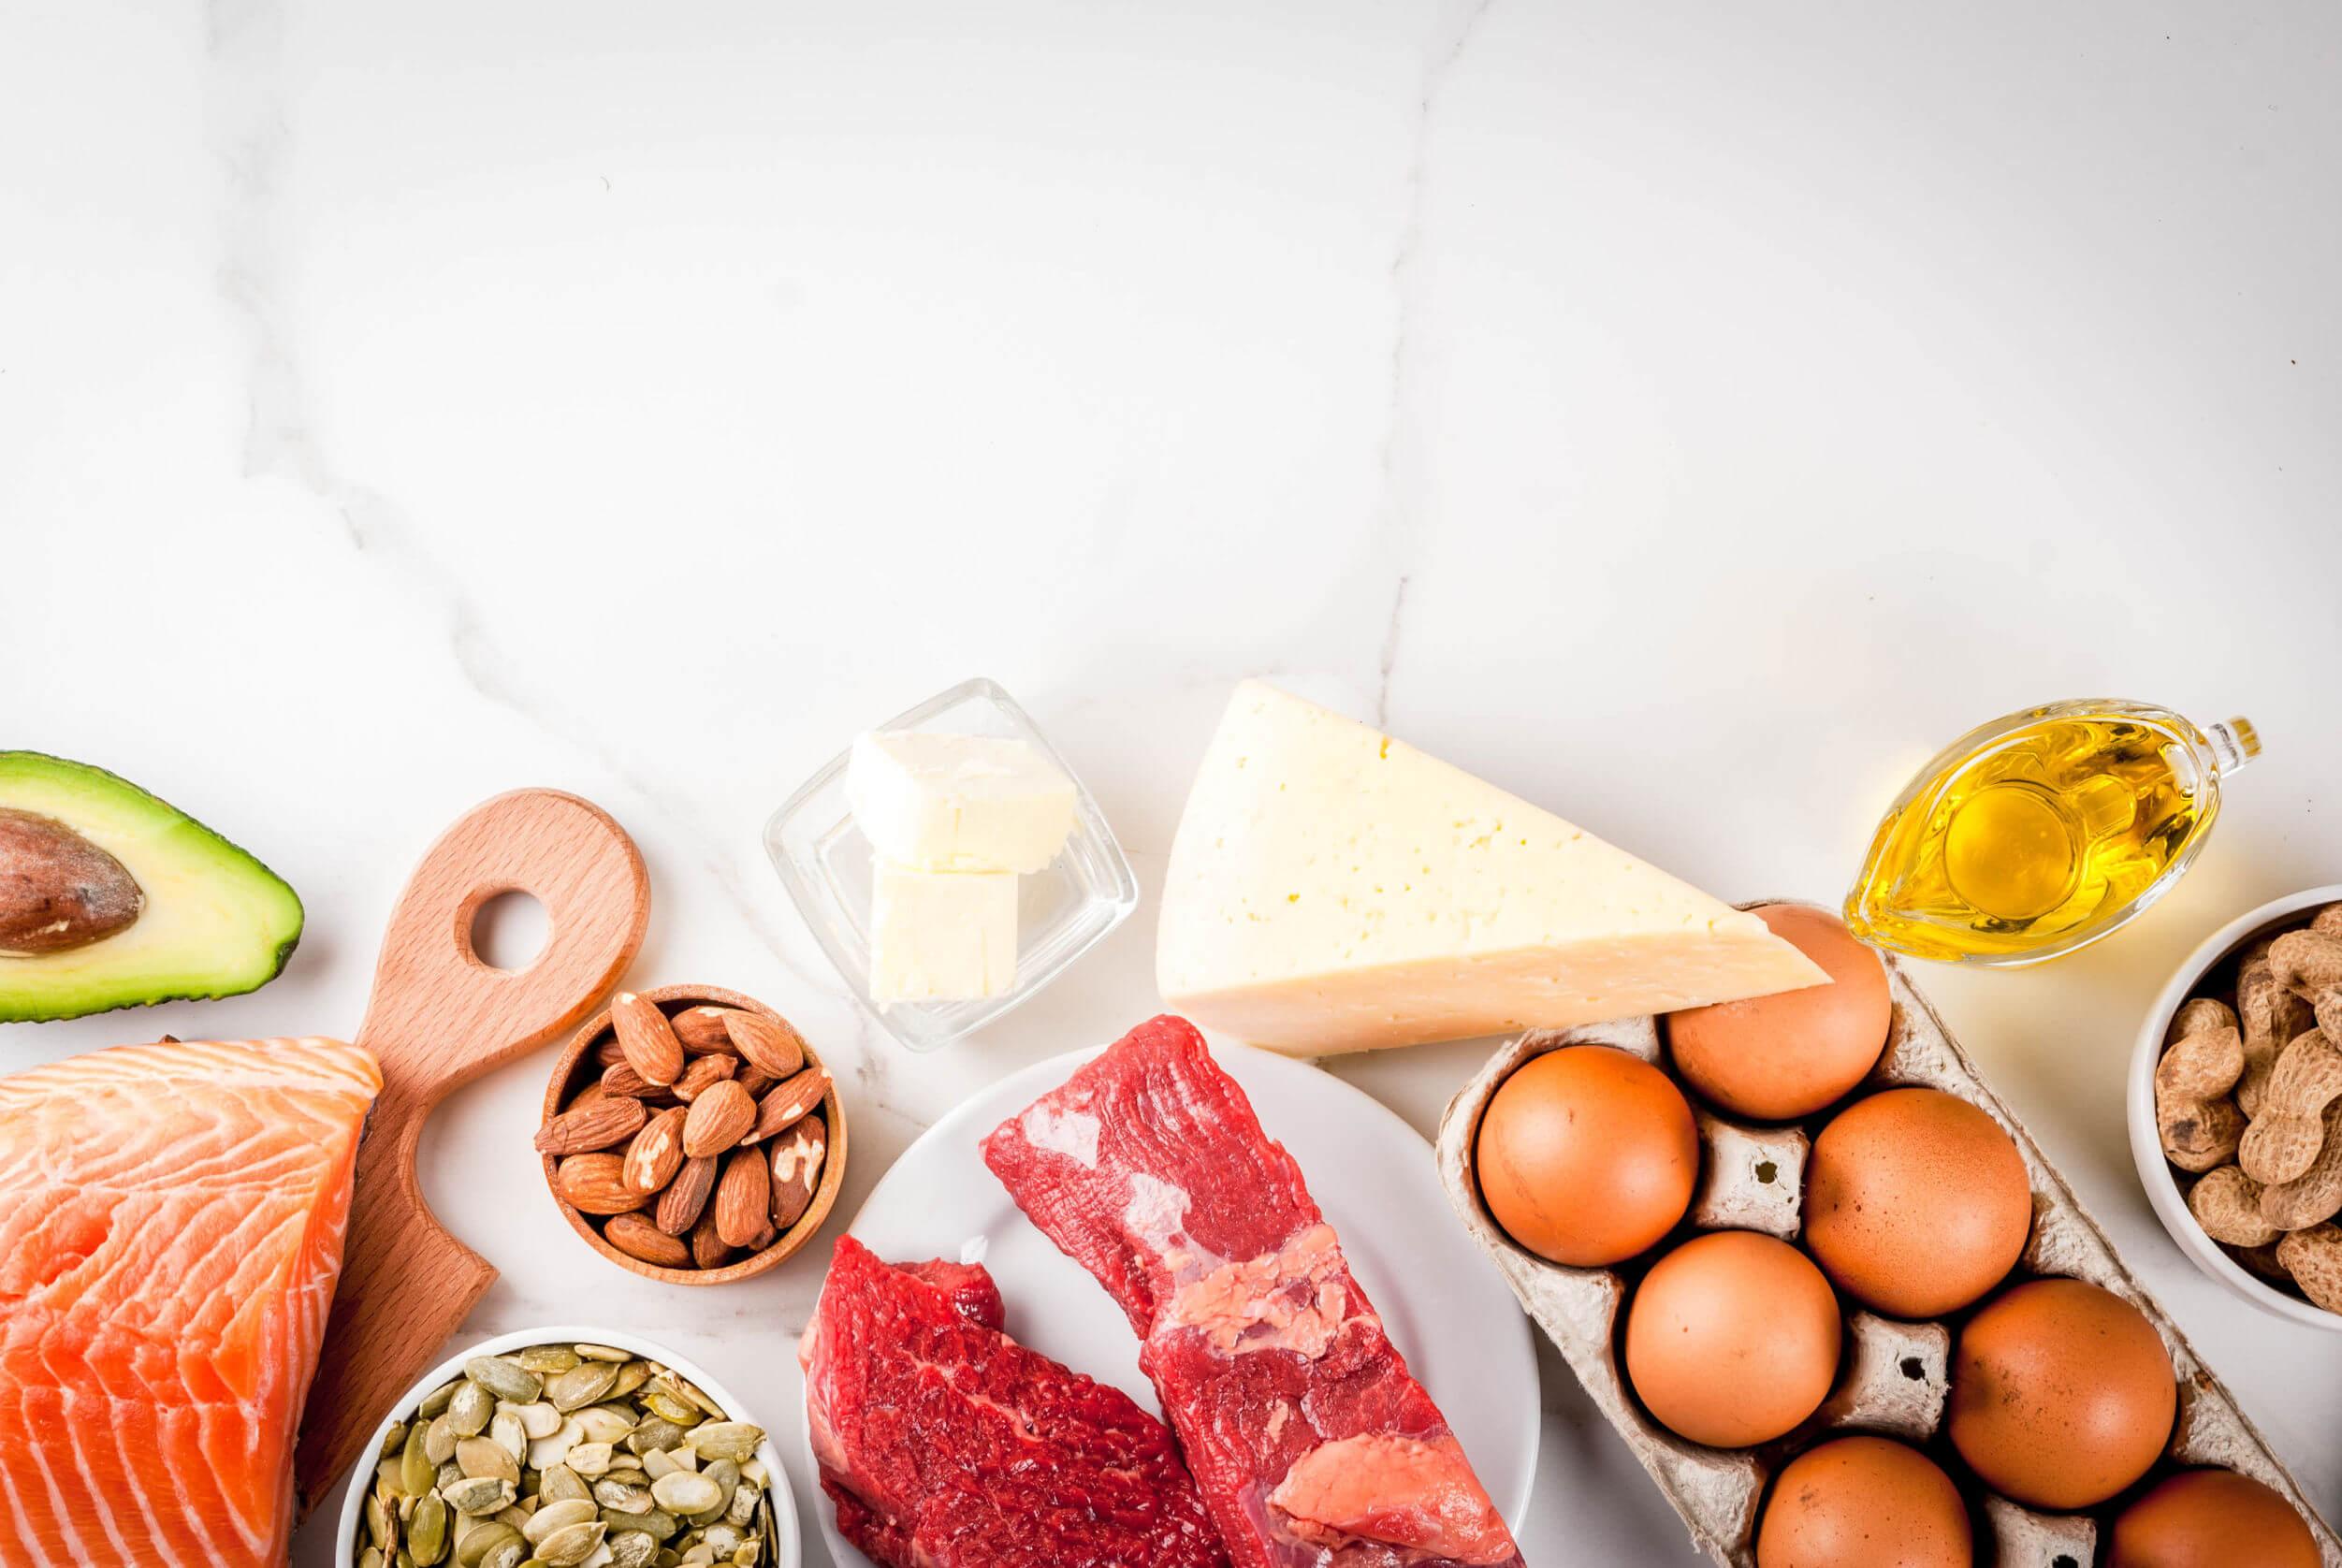 Los aditivos alimentarios no se suelen usar en comida fresca.